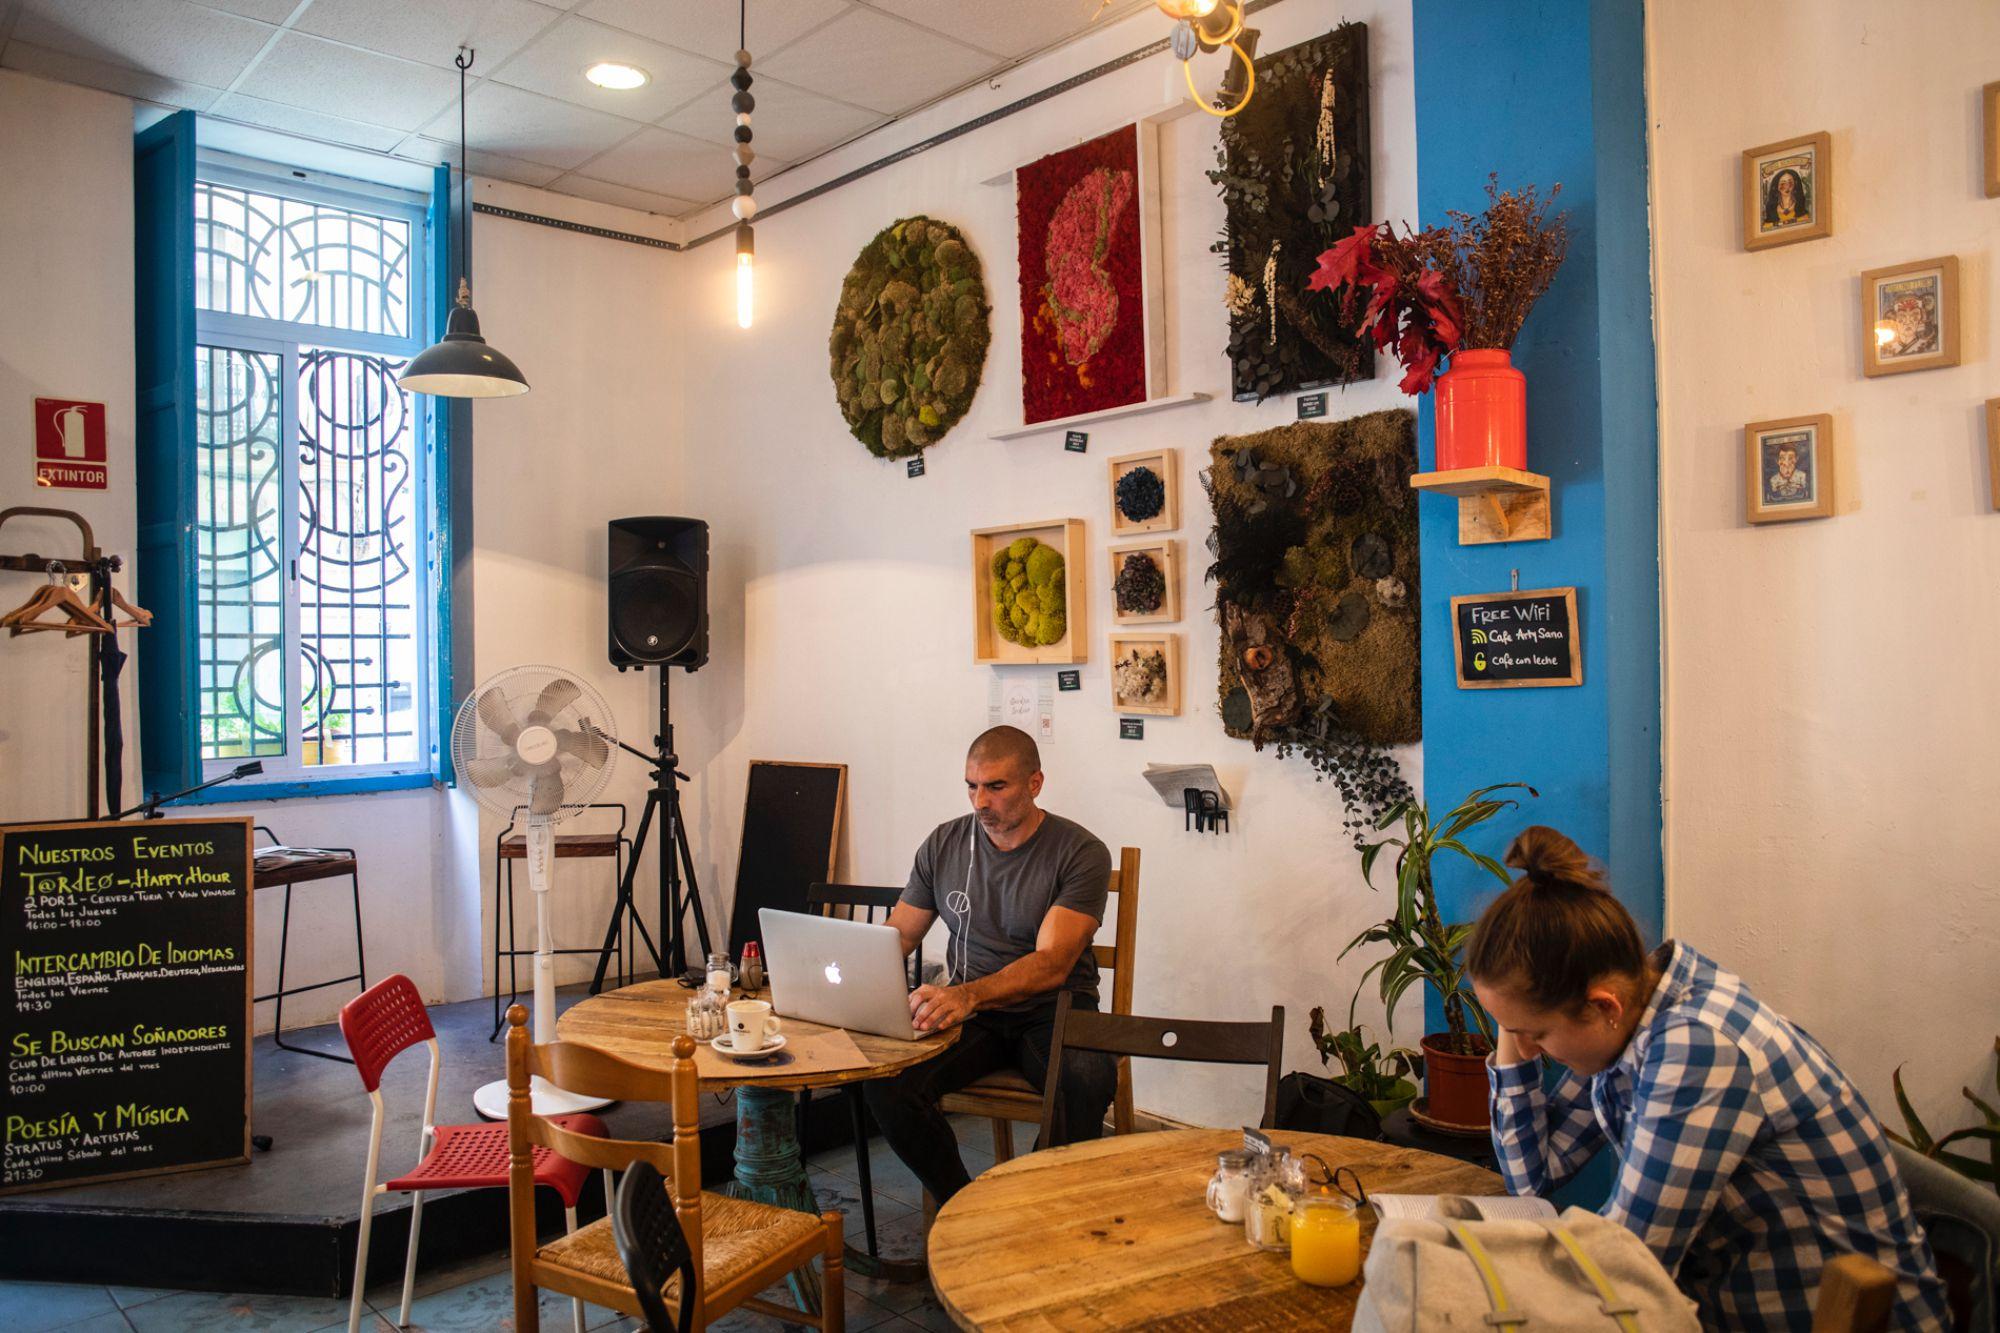 Aquí exponen los artistas del barrio, se puede reservar para talleres y hay programación de teatro, cine en V.O., poesía...